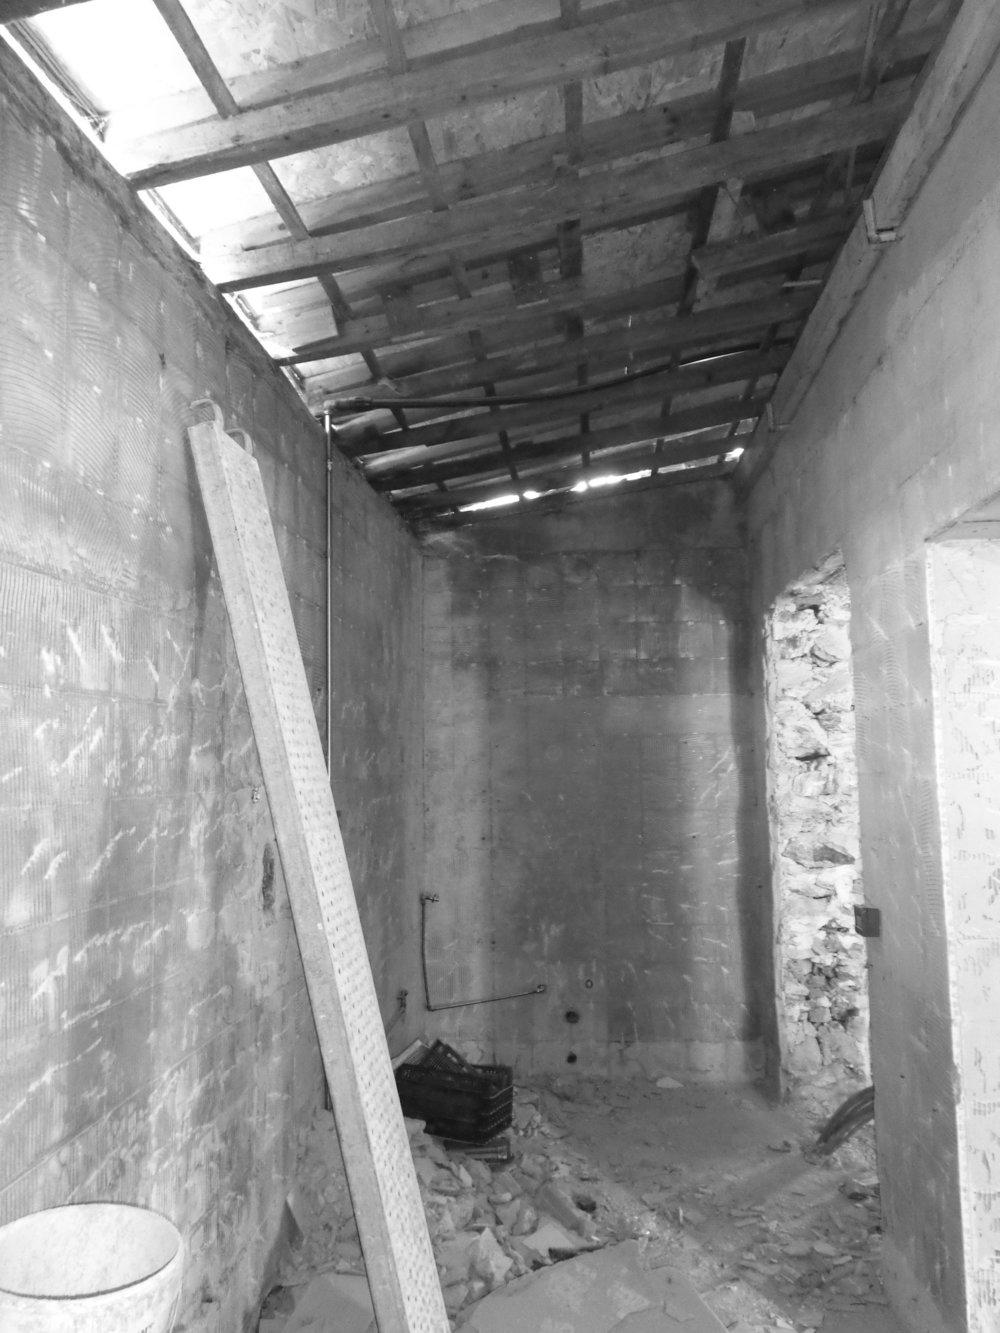 decoracao de interiores sao joao da madeira : decoracao de interiores sao joao da madeira: – são joão da madeira – remodelação – arquitectos porto (13).jpg